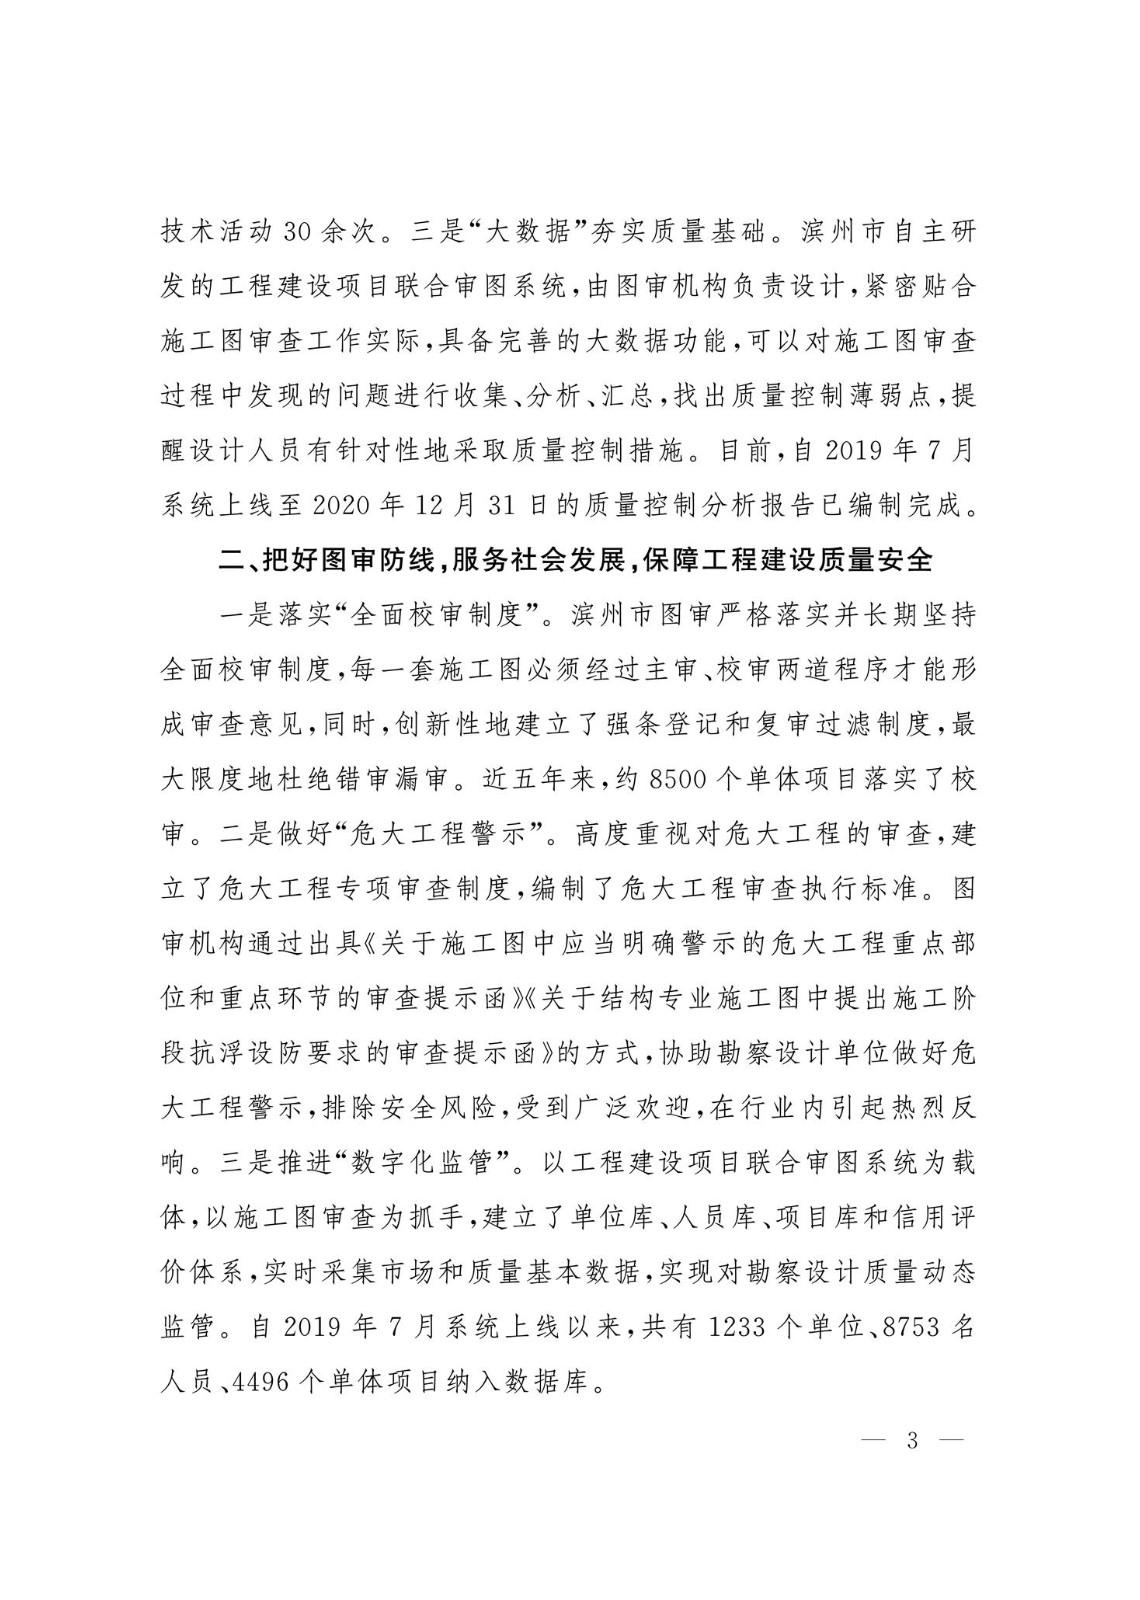 山东省住房和城乡建设厅关于印发滨州市施工图审查服务经验做法的通知_3.jpg